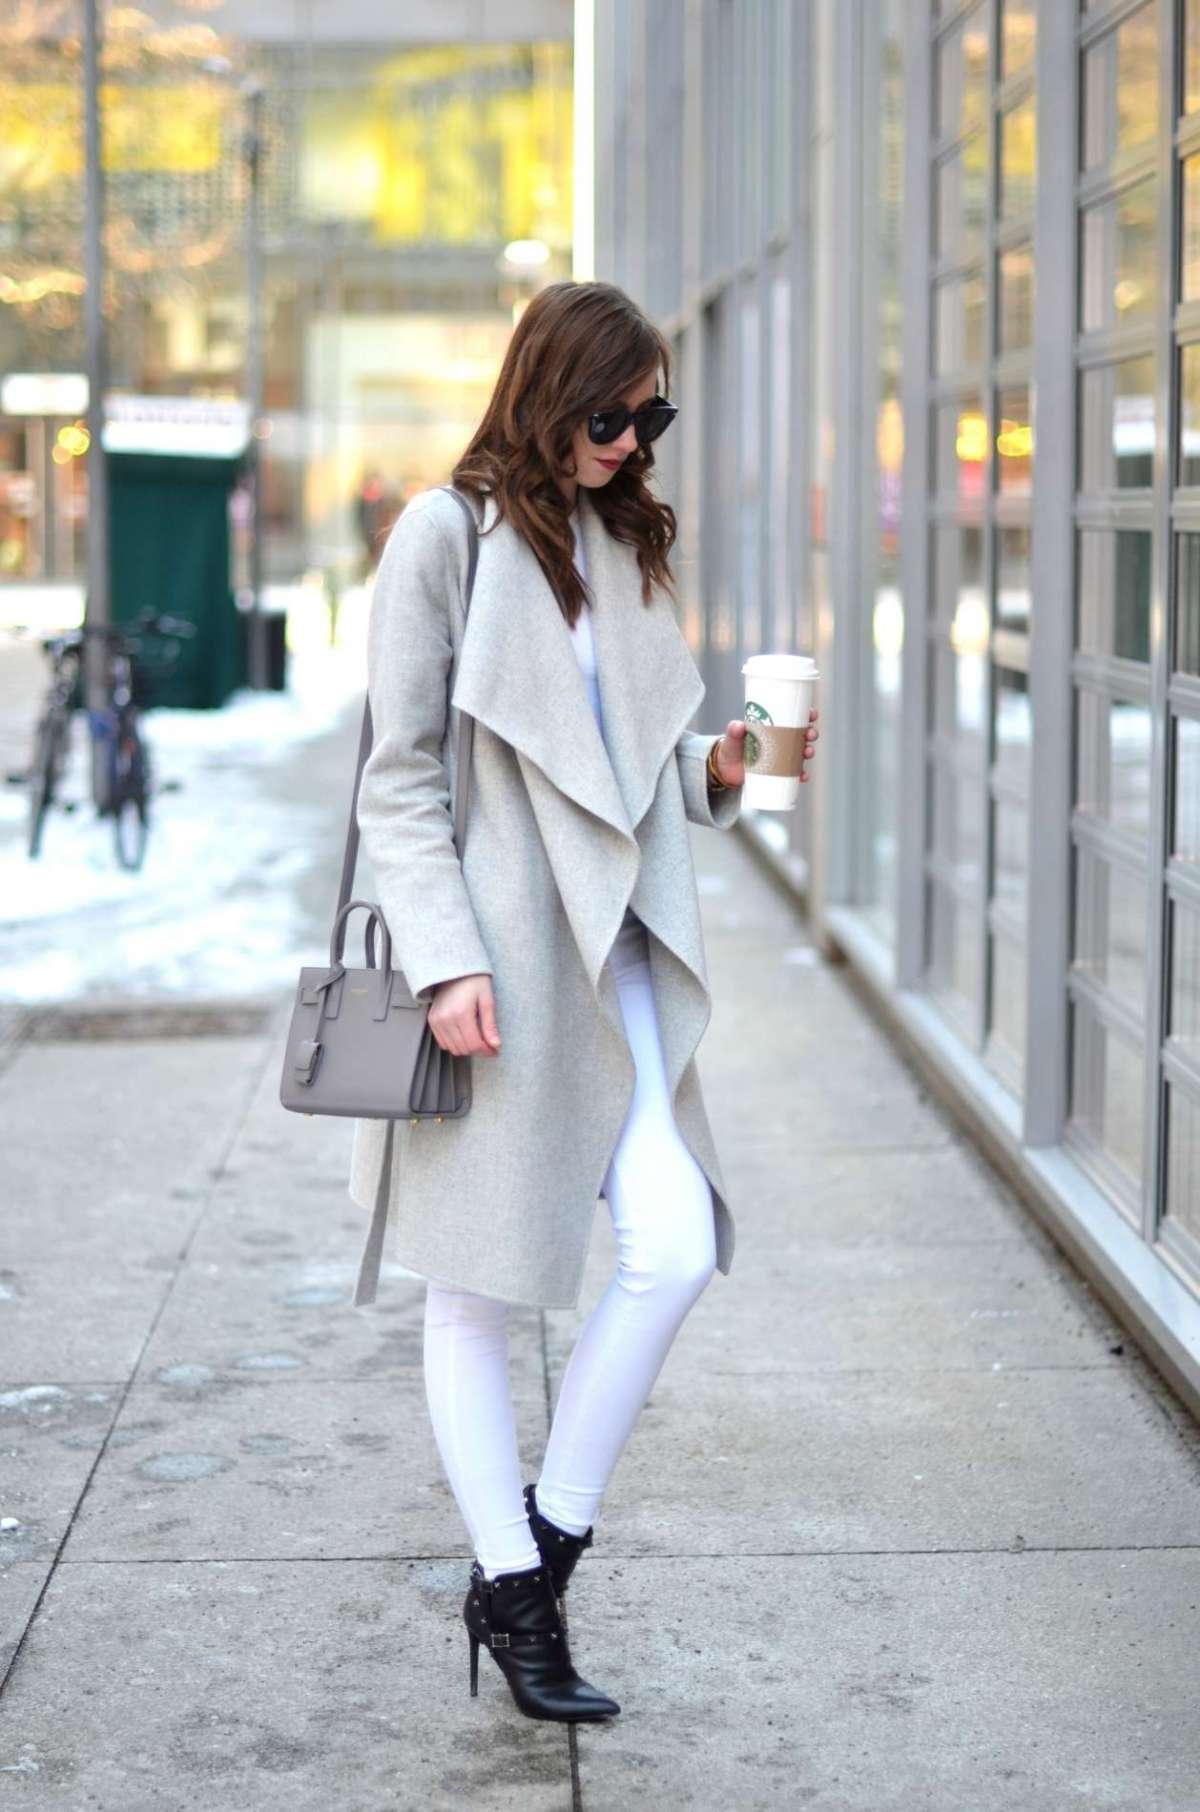 Pantaloni bianchi e cappotto grigio